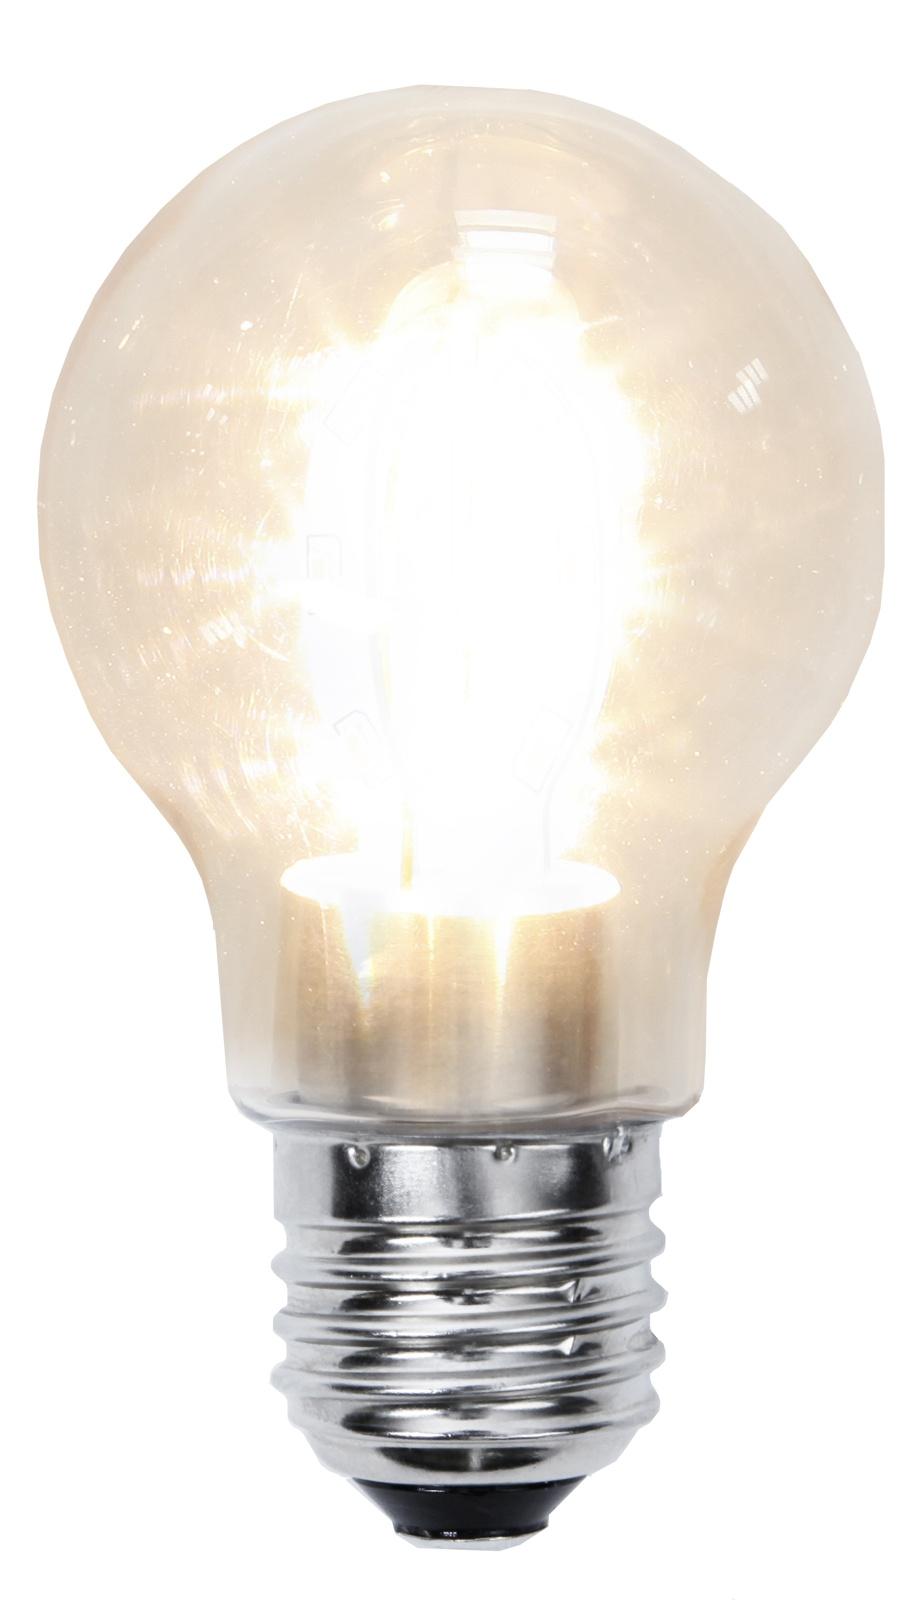 LED-lamppu Decoration LED 356-55 Ø55x95 mm E27 kirkas 1,6W 2100K 136lm - Taloon.com